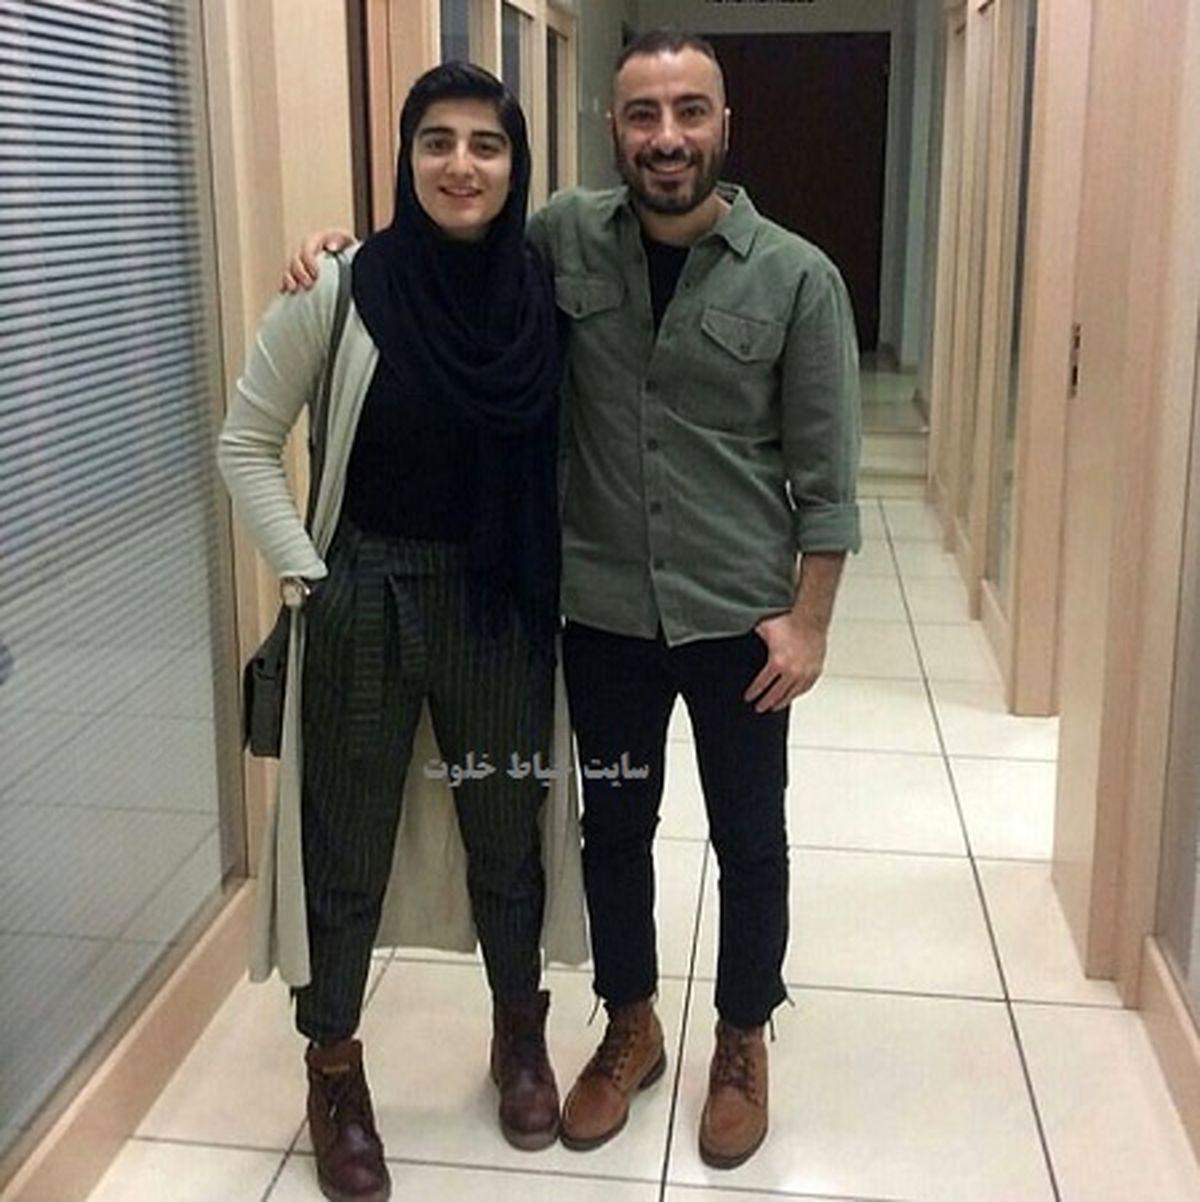 عکس جدید نوید محمد زاده و برادر زاده اش + عکس